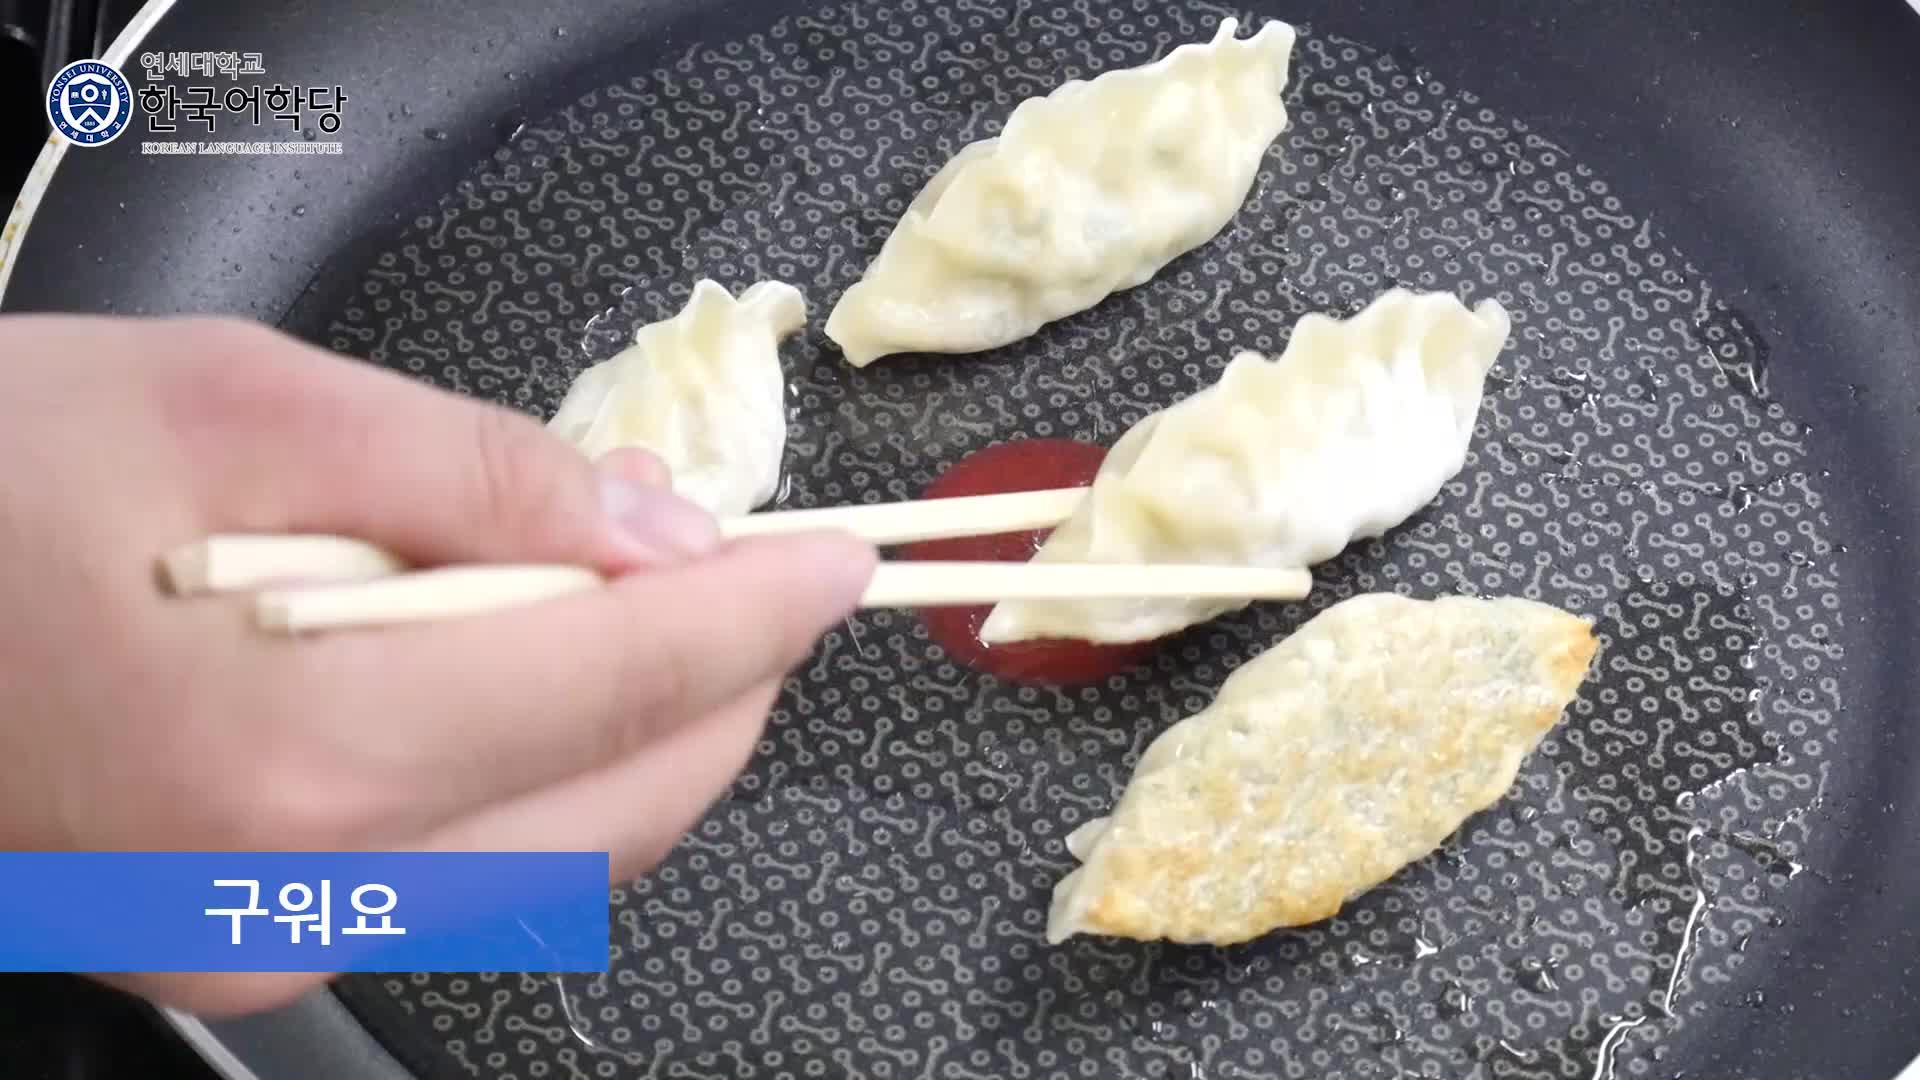 [1분 한국생활]알쏭달쏭 한국의 요리 방법